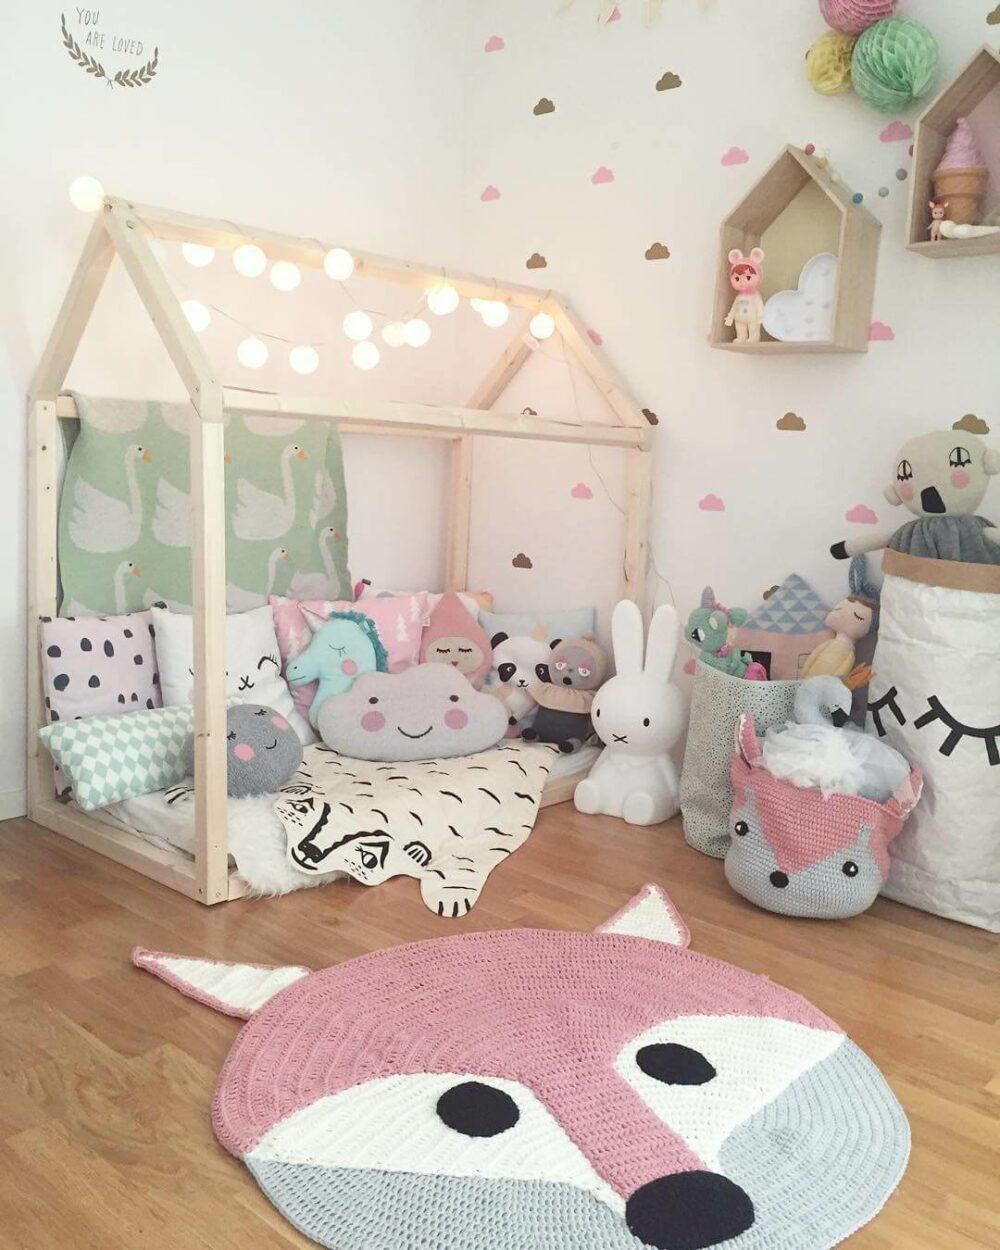 toddler room ideas for girl